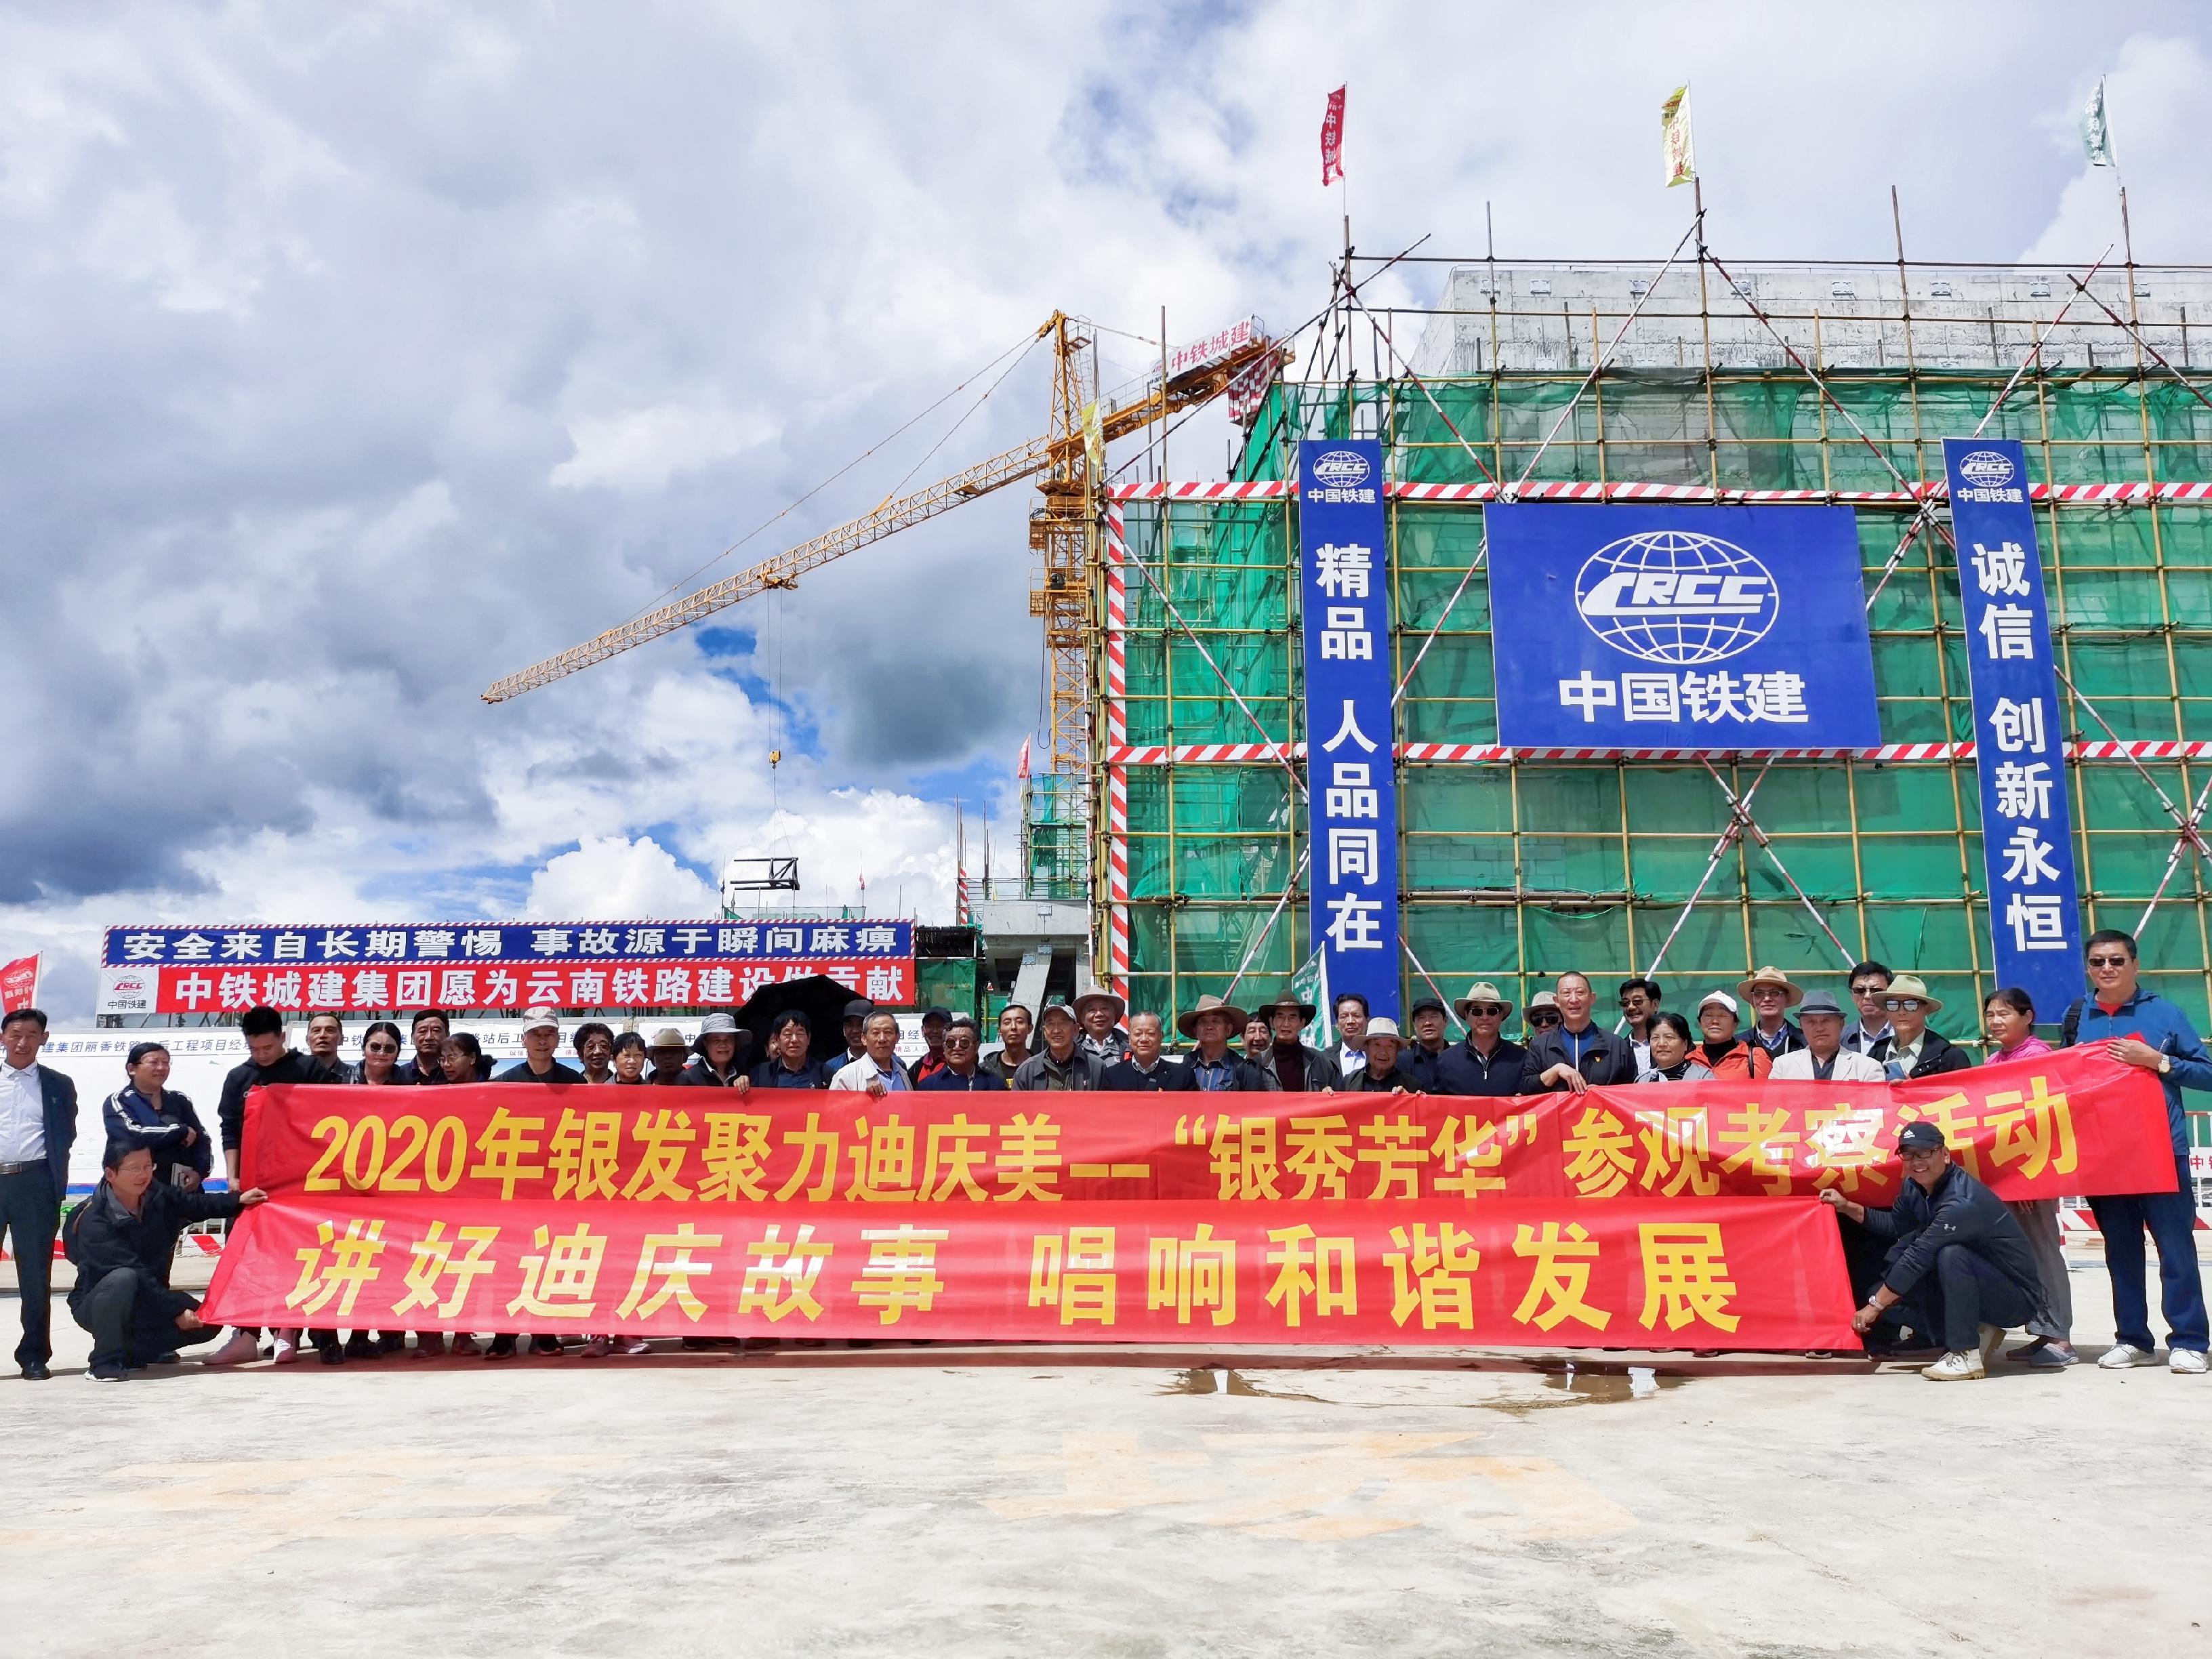 迪庆州老干局组织离退休老干部到重点项目点进行参观考察